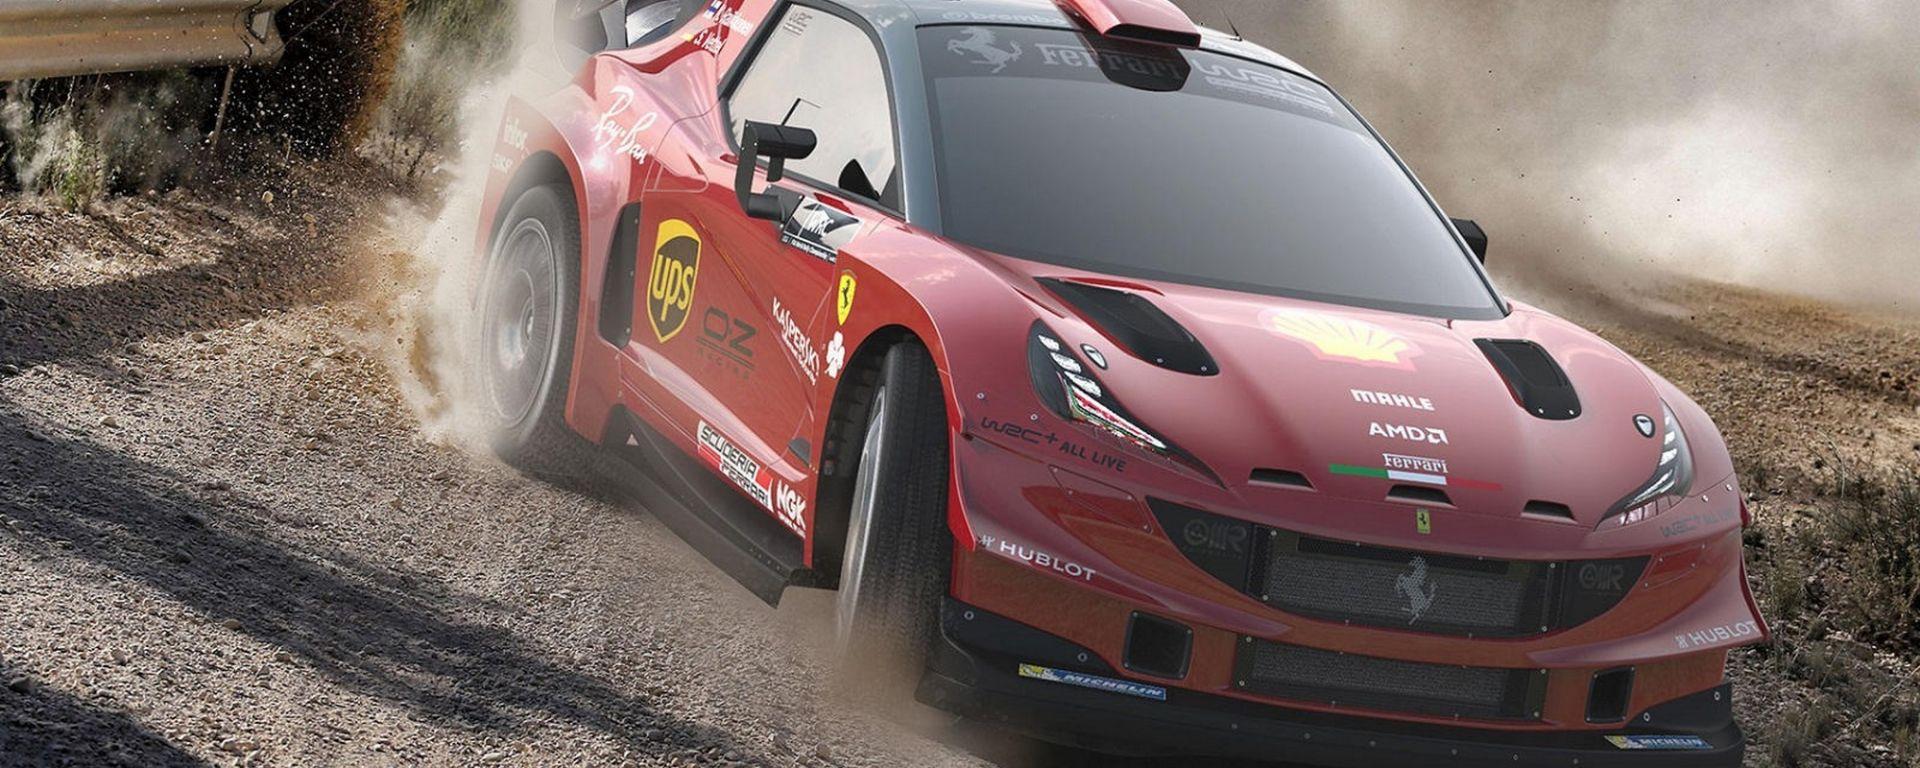 Una Ferrari WRC? Ecco come potrebbe essere